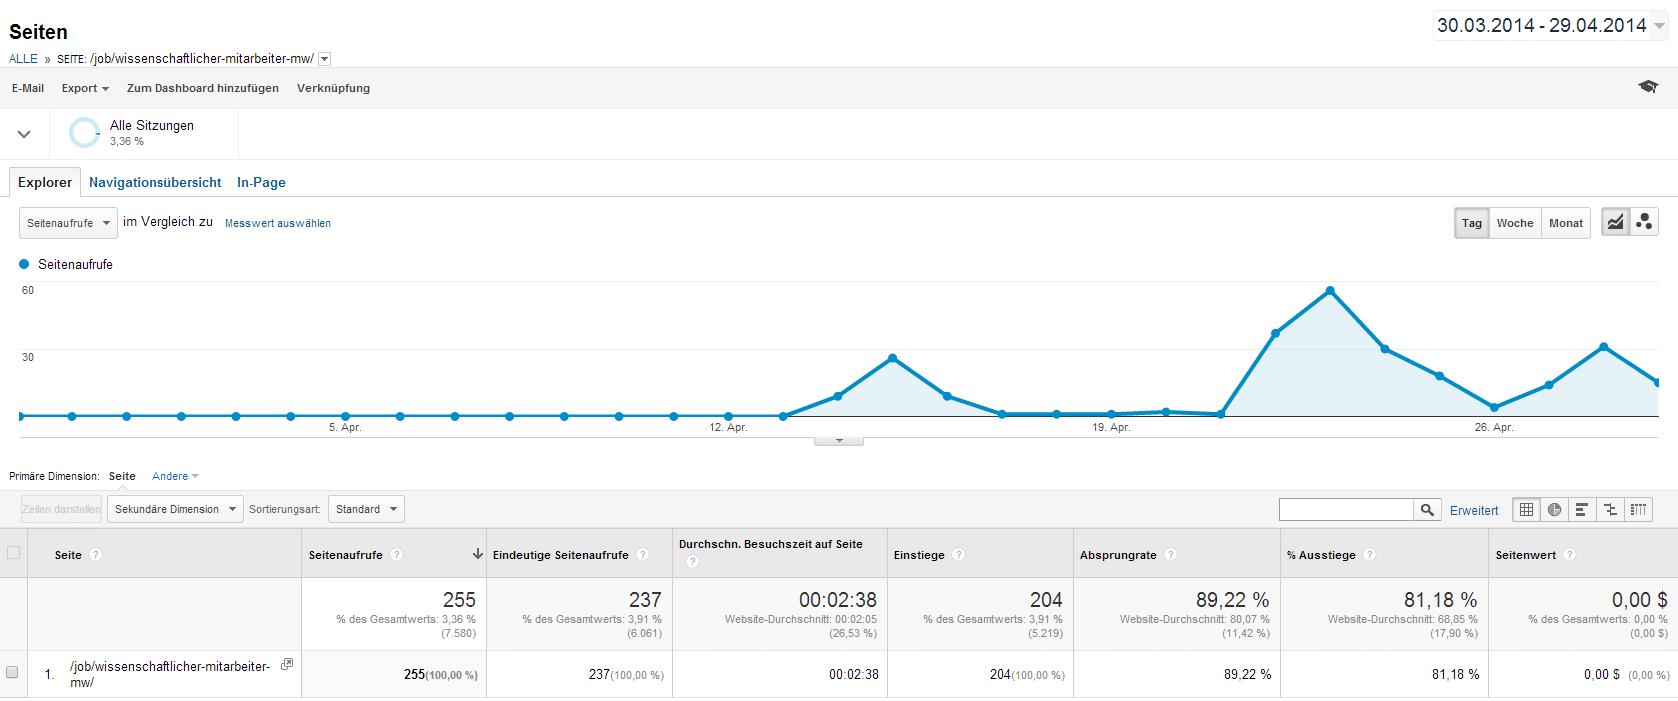 Googla Analytics zeigt für den einzelnen Job viele verschiedene Metriken an, die zum Verständnis des Nutzerverhaltens beitragen.